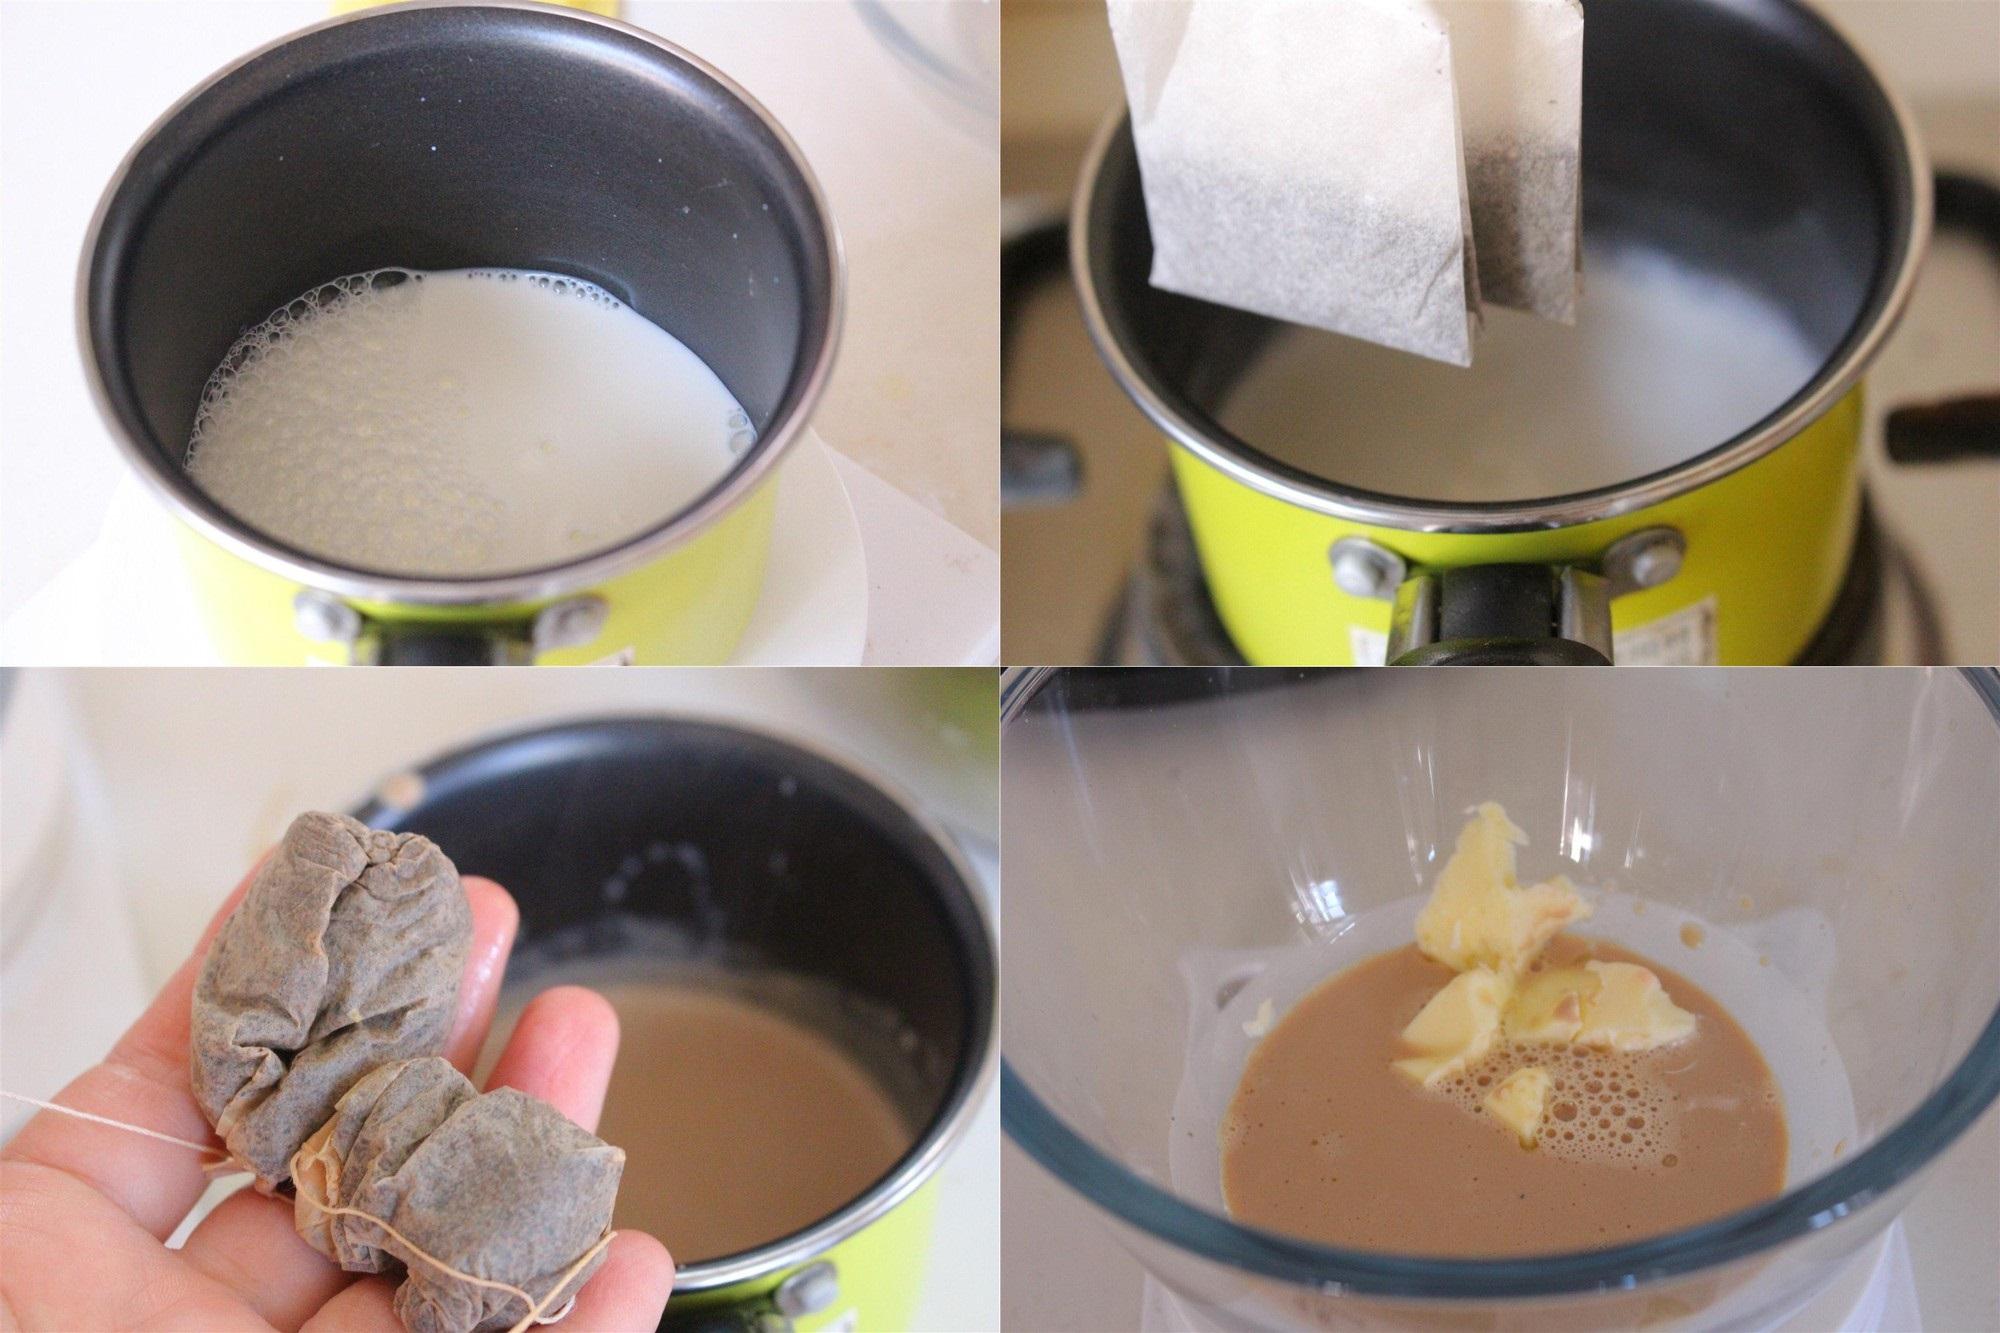 Bất cứ ai thích uống trà sữa hẳn sẽ mê mẩn ngay với món cupcake trà sữa mềm ngon thơm phức này - Ảnh 2